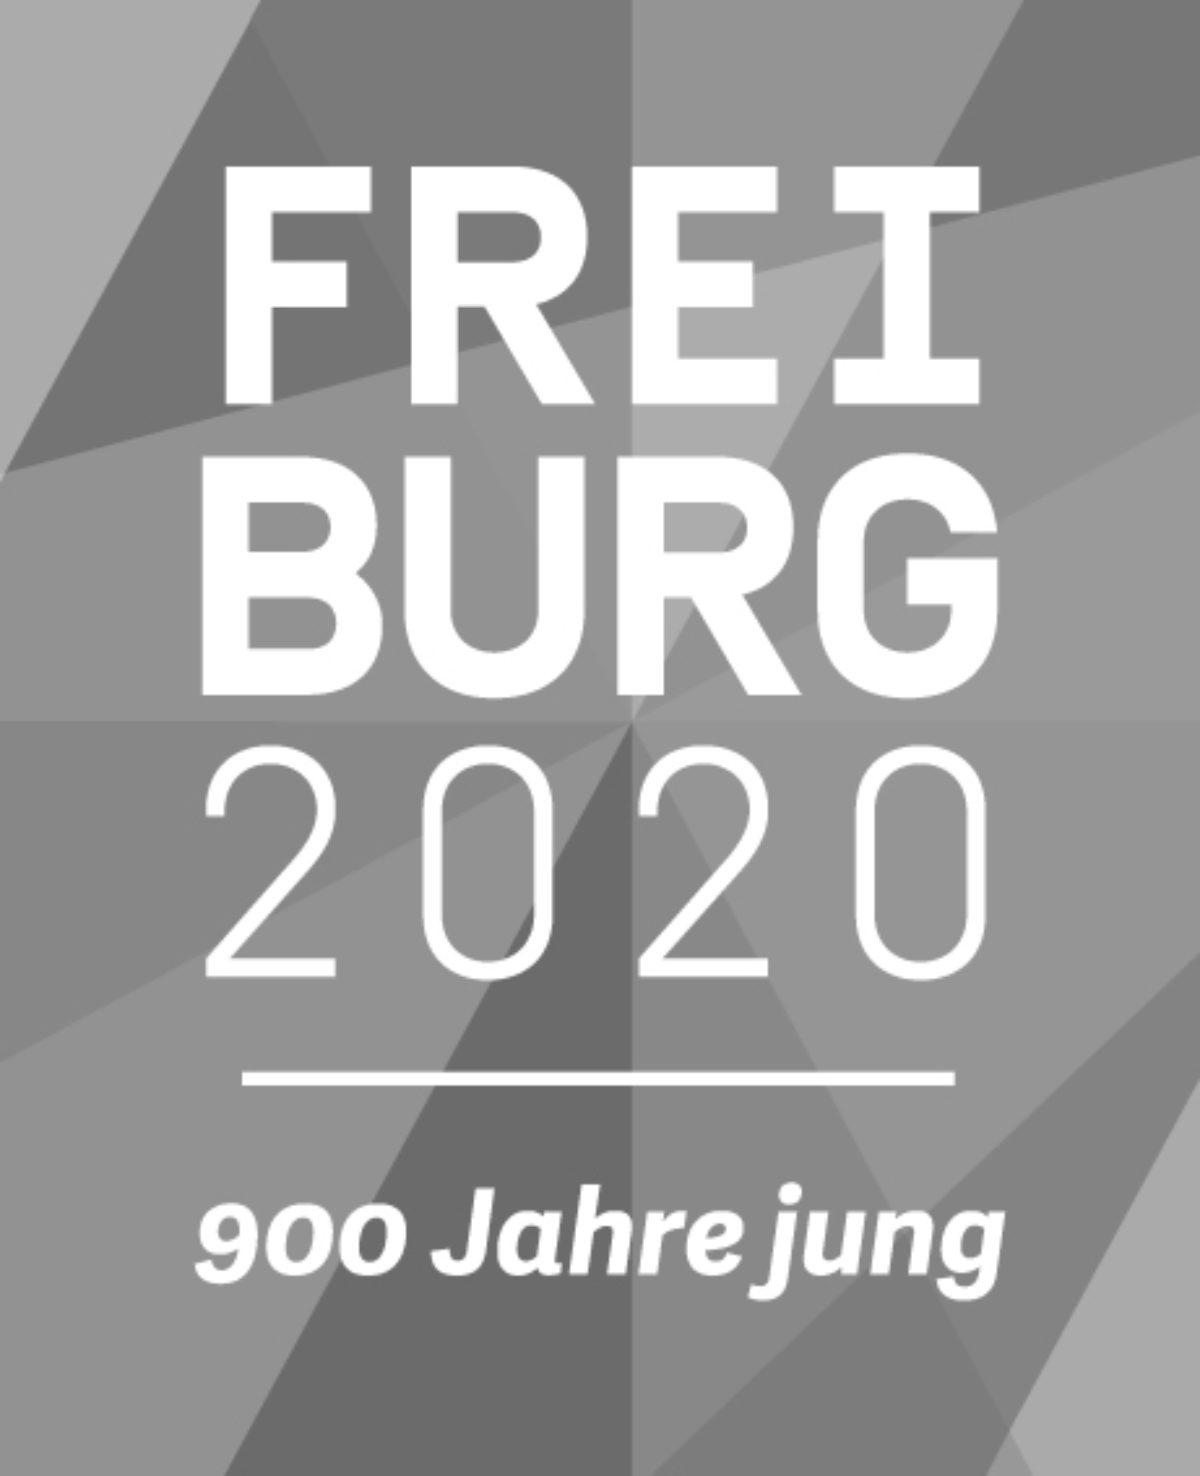 Stadtjubiläum - Freiburg2020